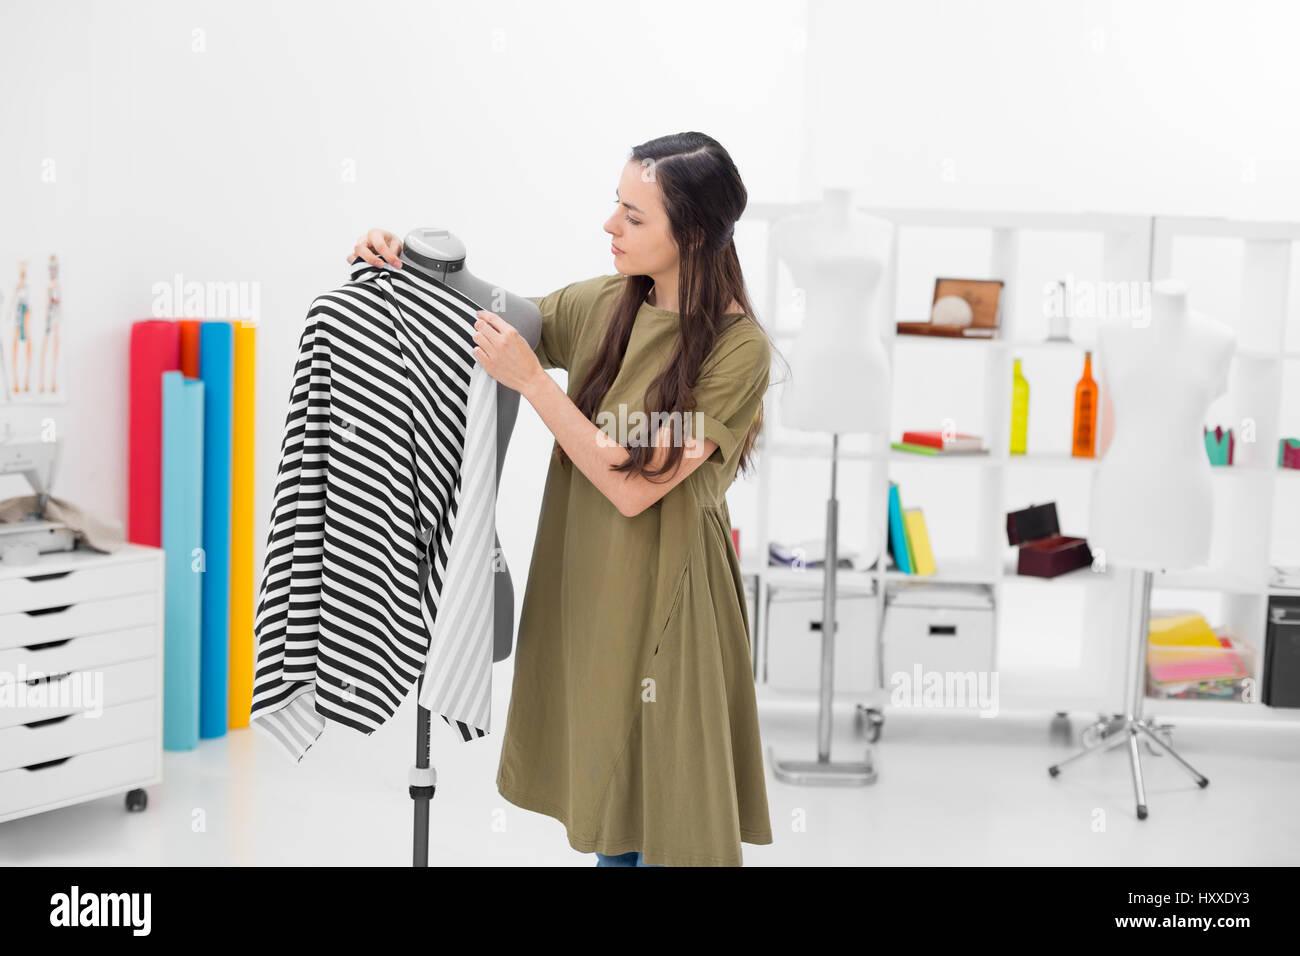 junge Mode-Designer Stoff auf Mannequin anpassen Stockbild